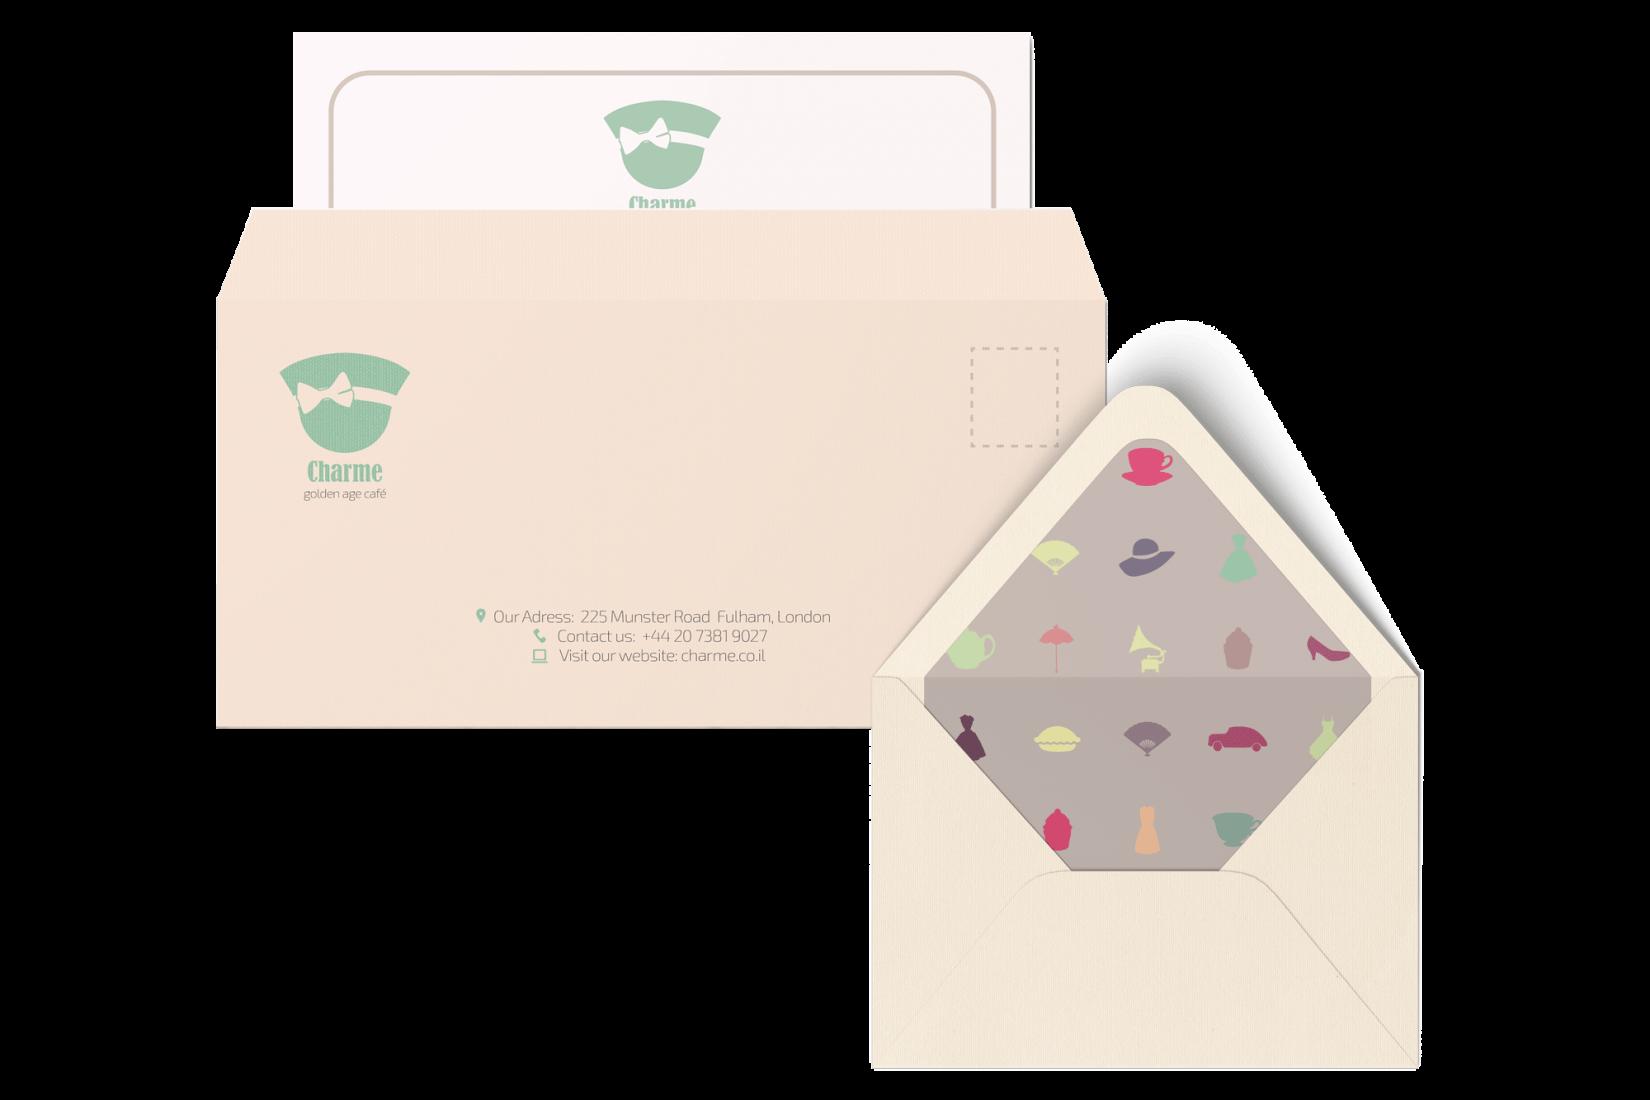 עיצוב בחינוך עיצוב גרפי CHARME מיתוג בית קפה מעטפה תיק עבודות קטיה פובזנר